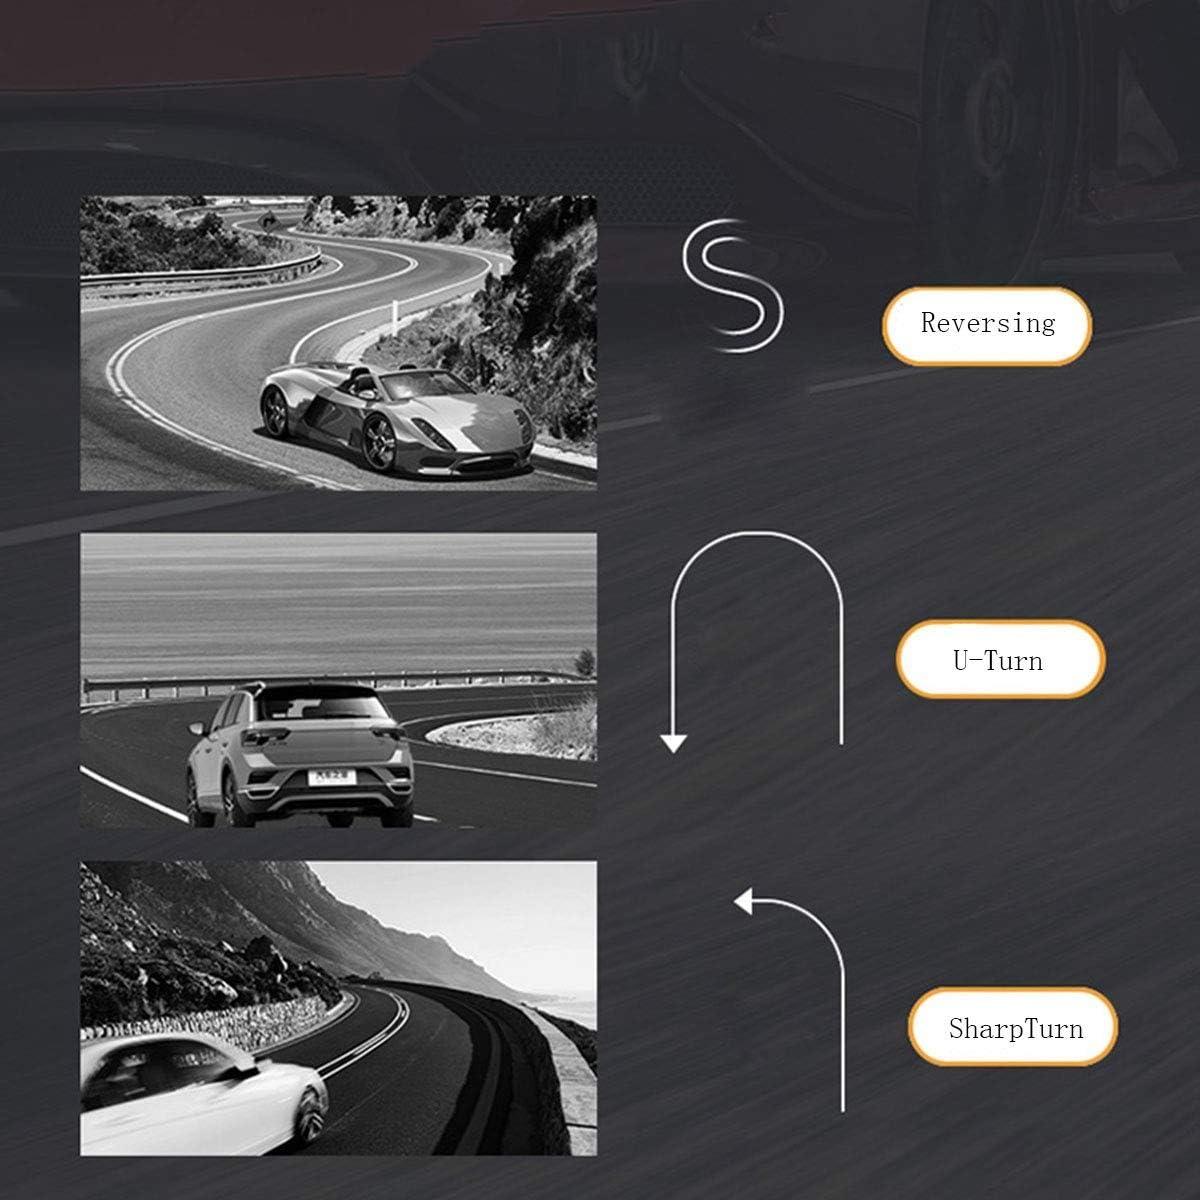 Smaw Puissance poign/ée volant de voiture Suicide Spinner Accessoire Bouton for voiture v/éhicule simple main conduite auxiliaire de commande Poign/ée boule